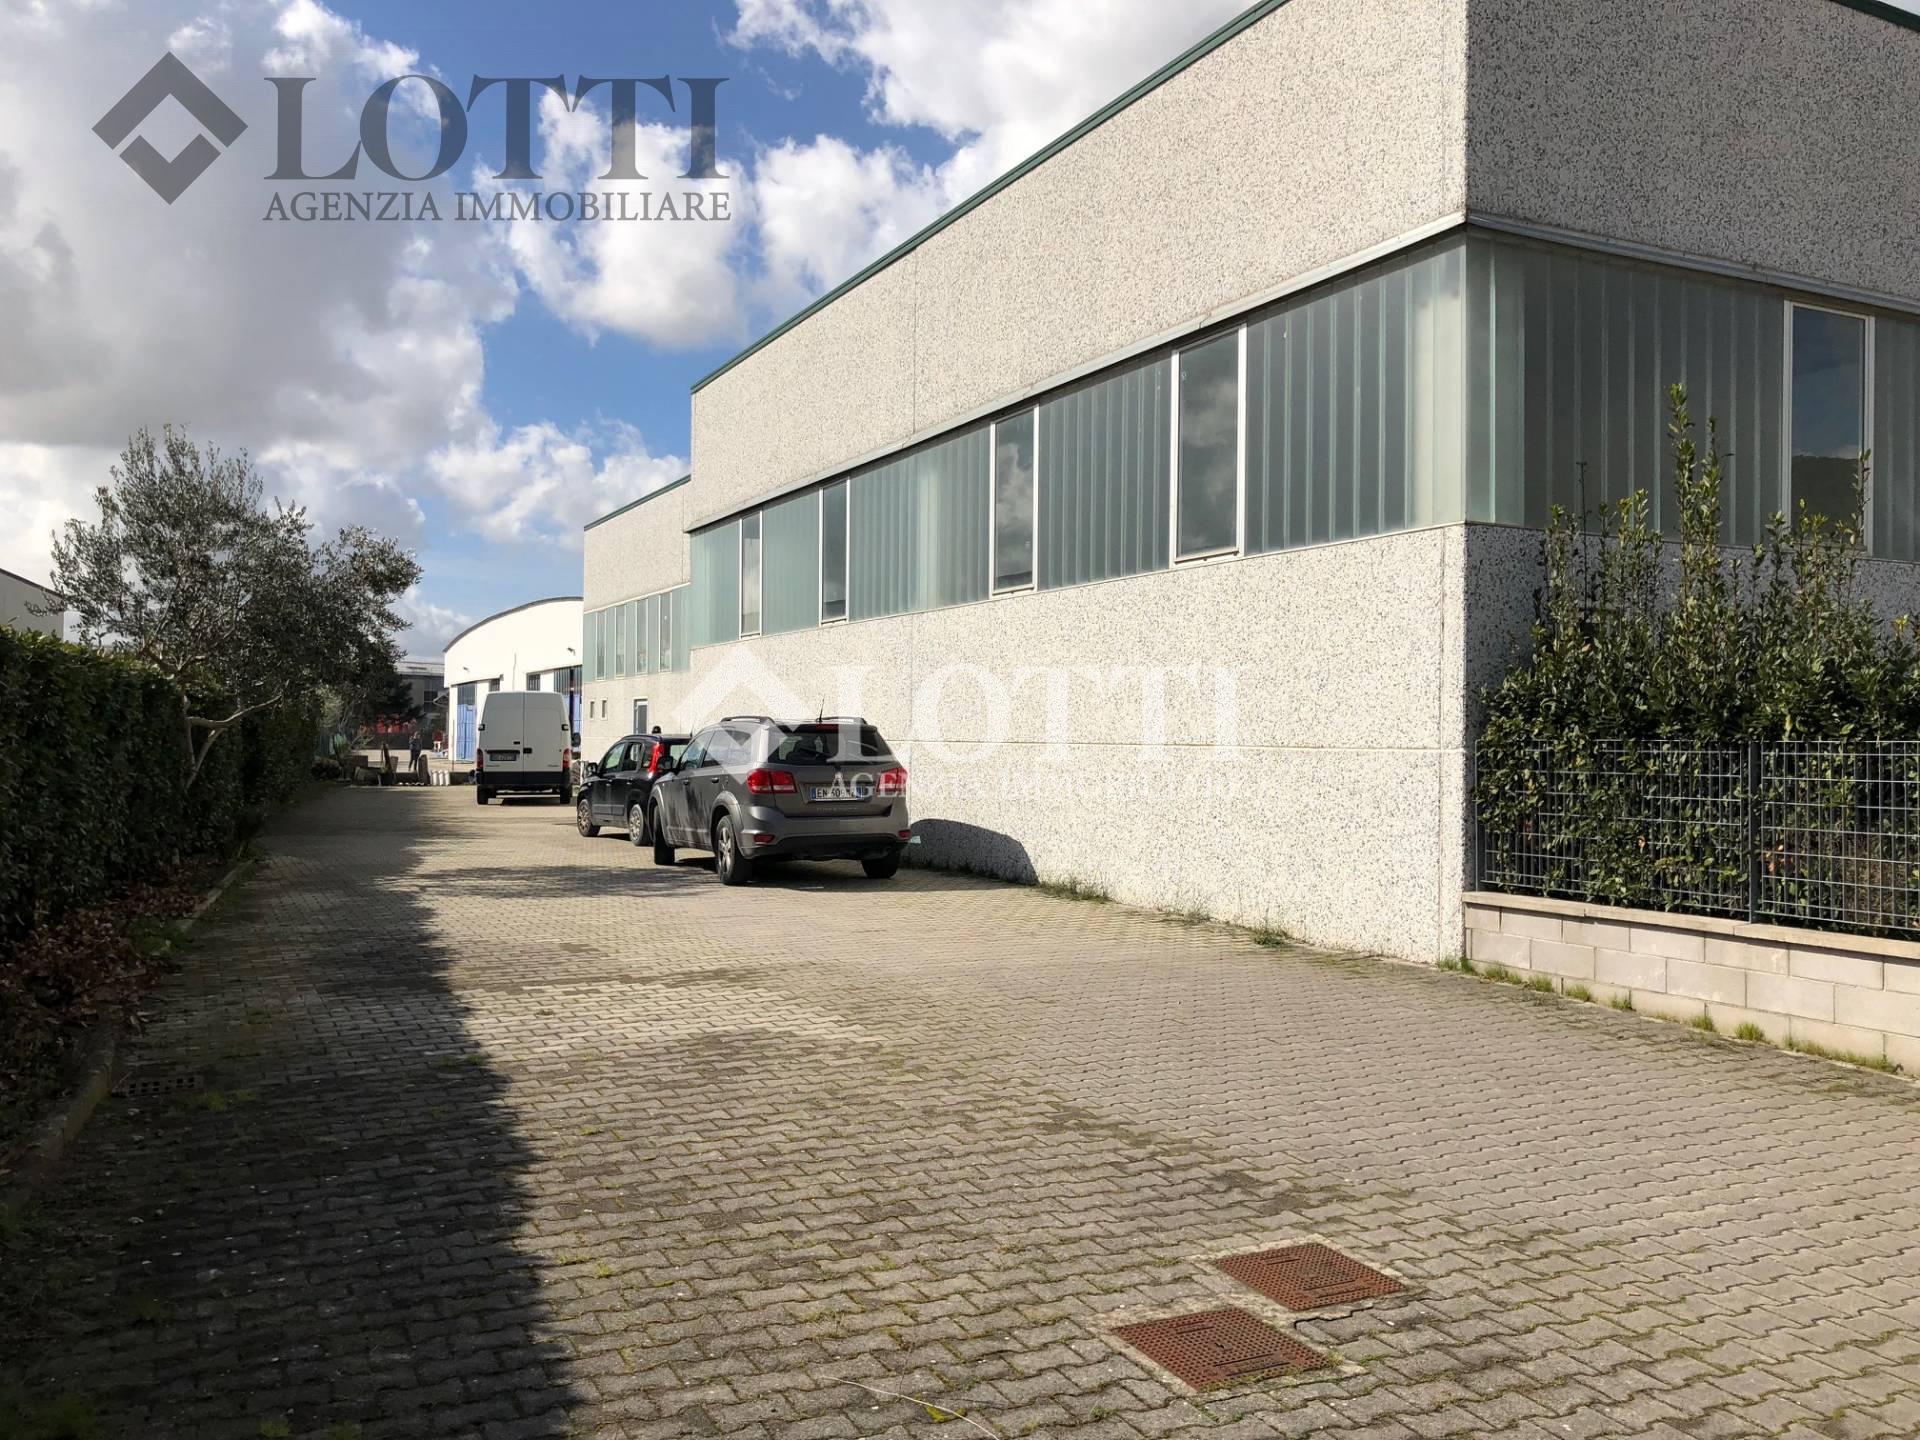 Capannone industriale in vendita a Lugnano, Vicopisano (PI)